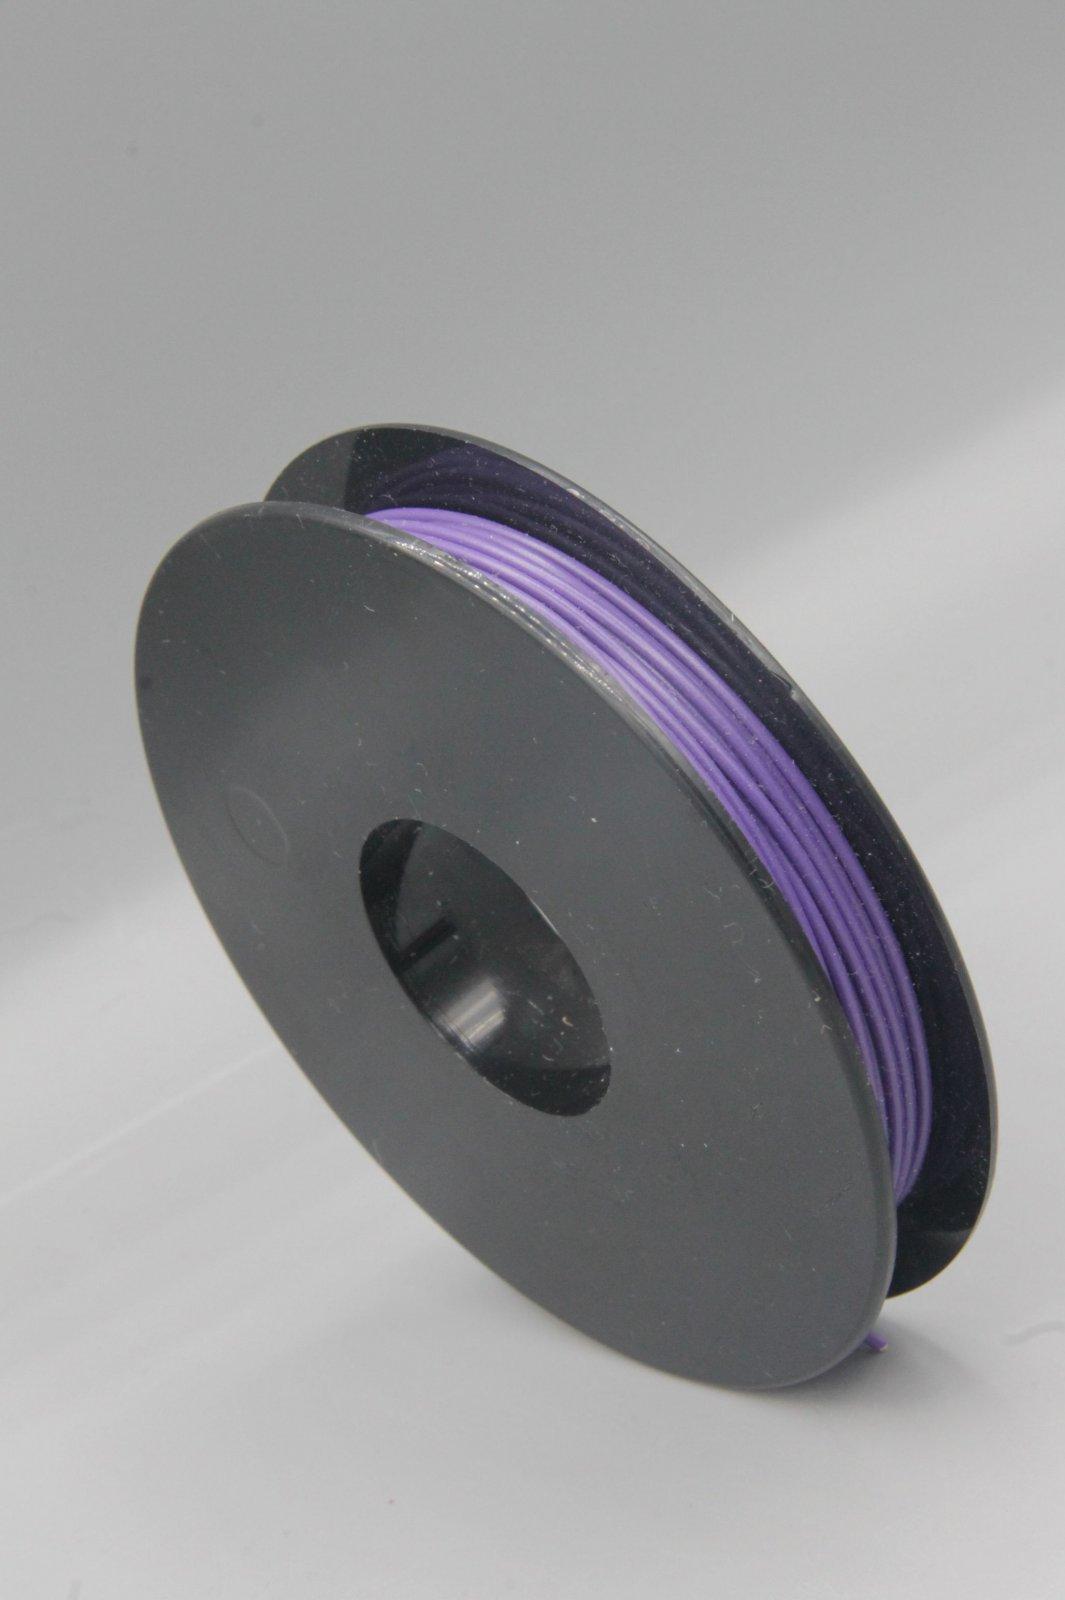 25 m Spule LIYV Kabel Litze flexibel  violett 0,25 mm² Kupferlitze Kabel